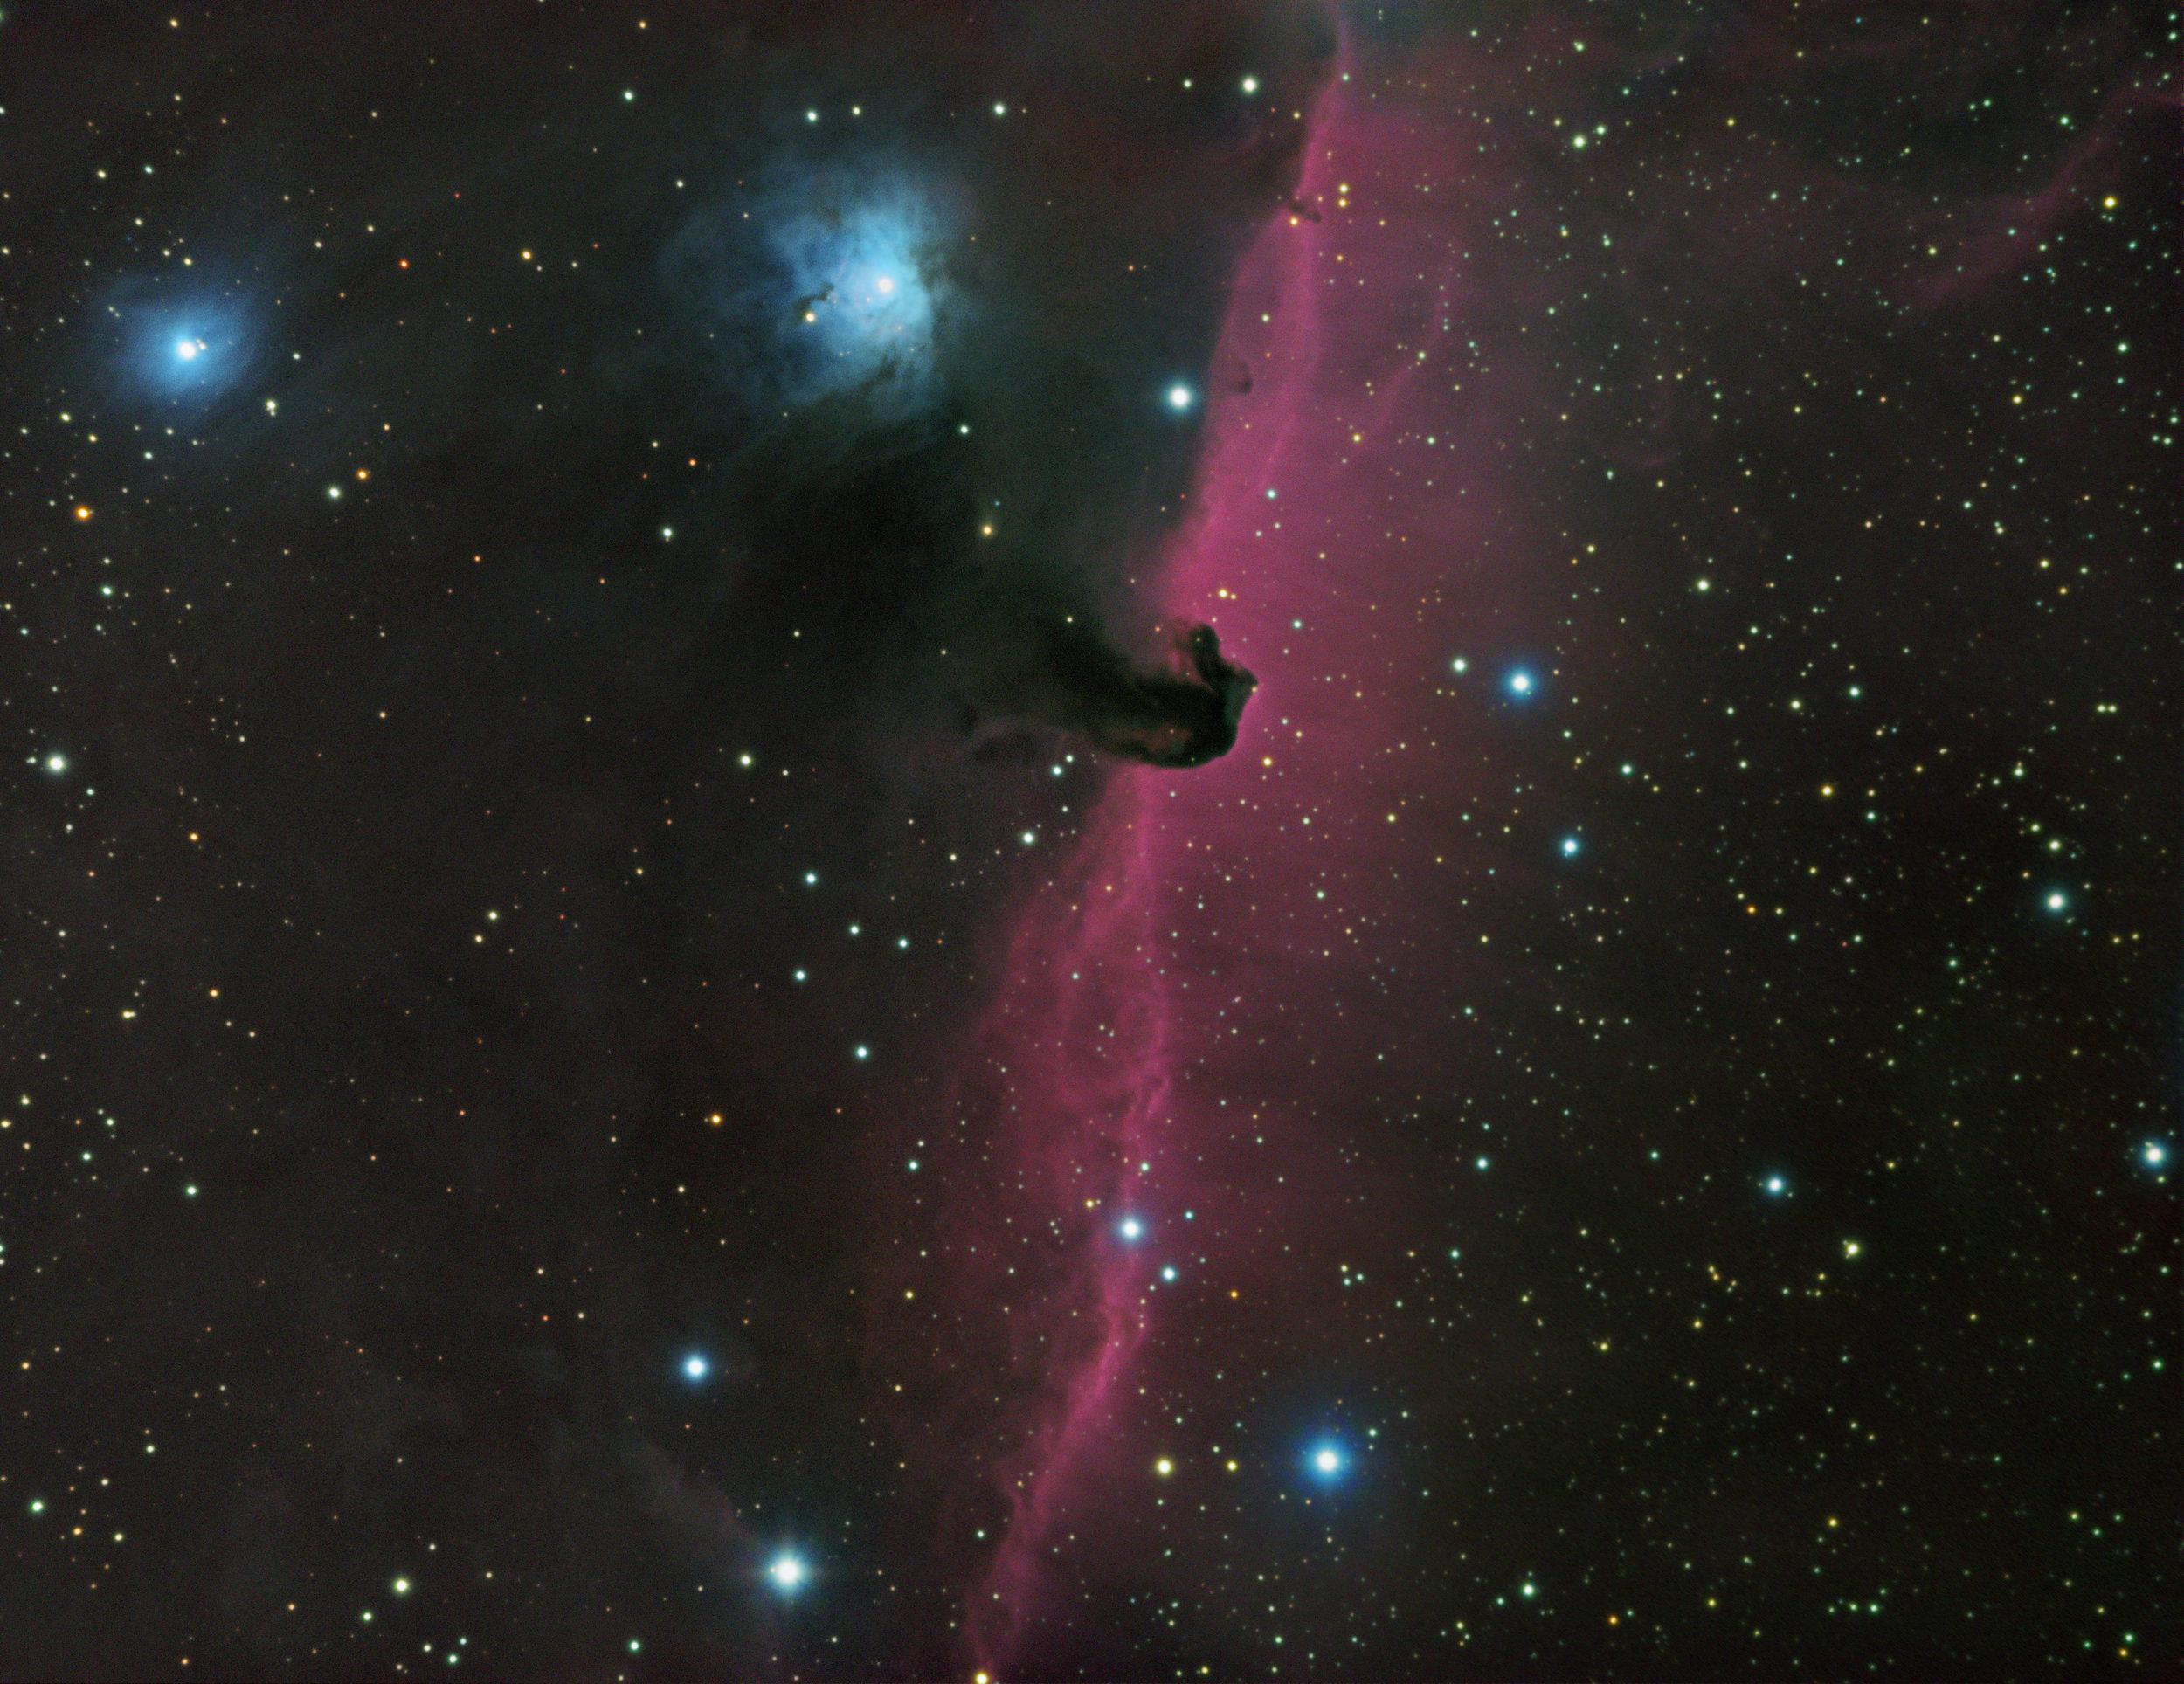 IC434_NOV_QHY163_AT130_HA_LRGB.jpg